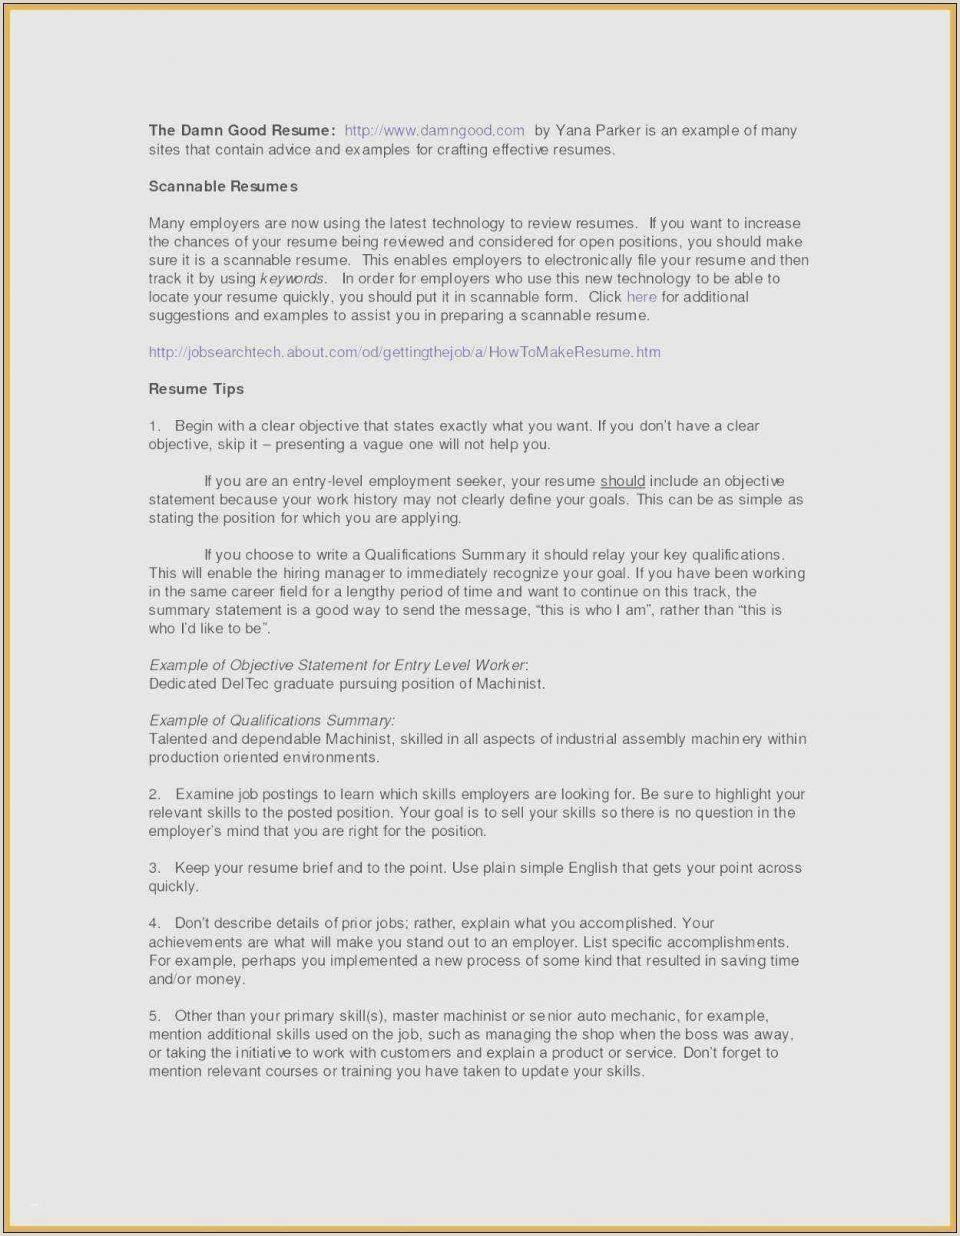 Professional Cv format 2018 Pdf Exemple De Cv Simple Pdf De Base 15 Exemple De Cv Simple